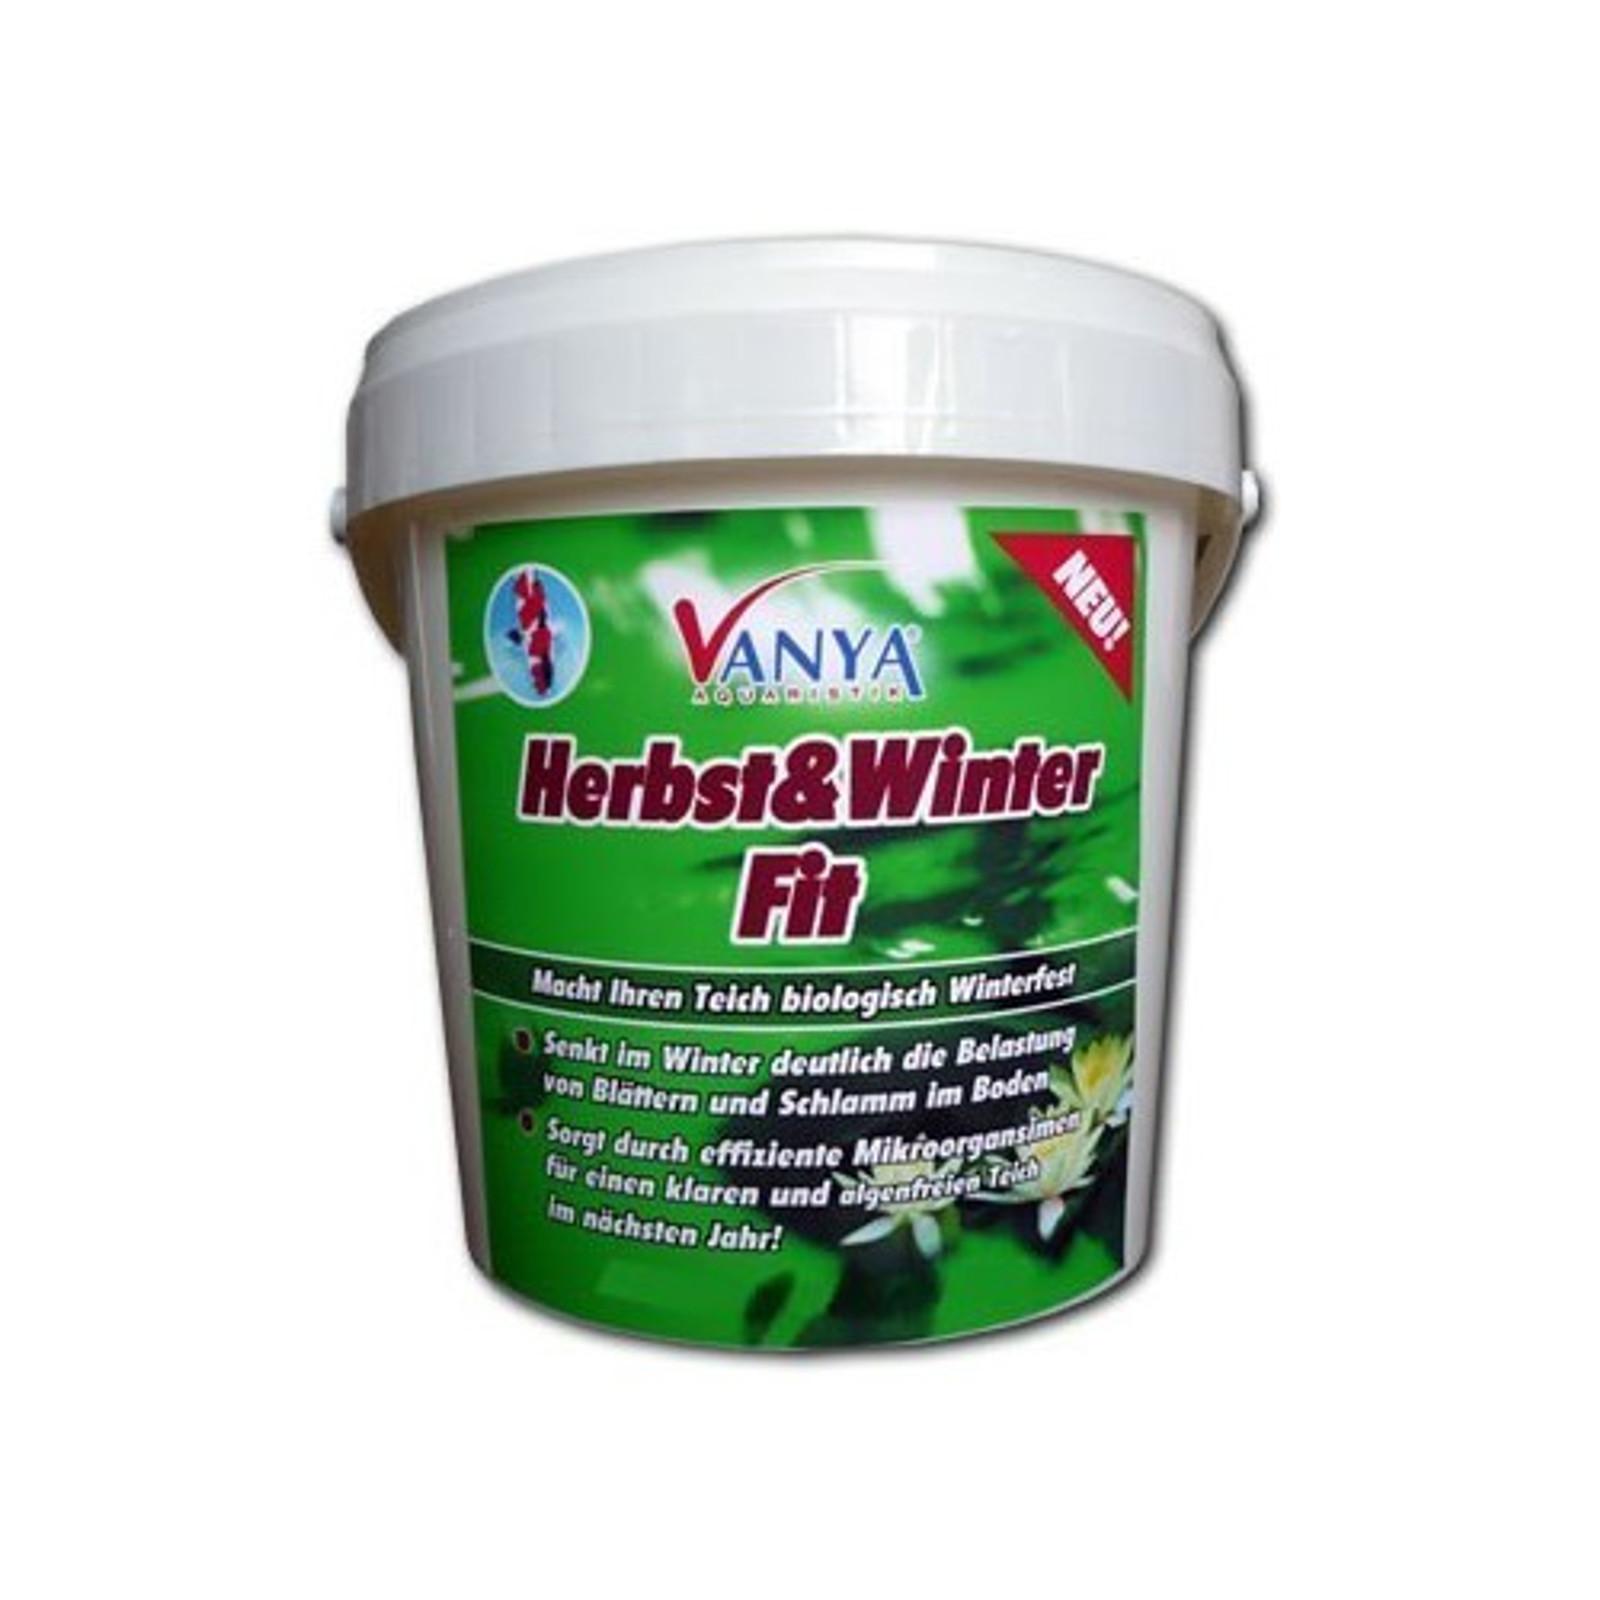 VANYA Herbst&WinterFit Wasseraufbereiter 1,2 kg